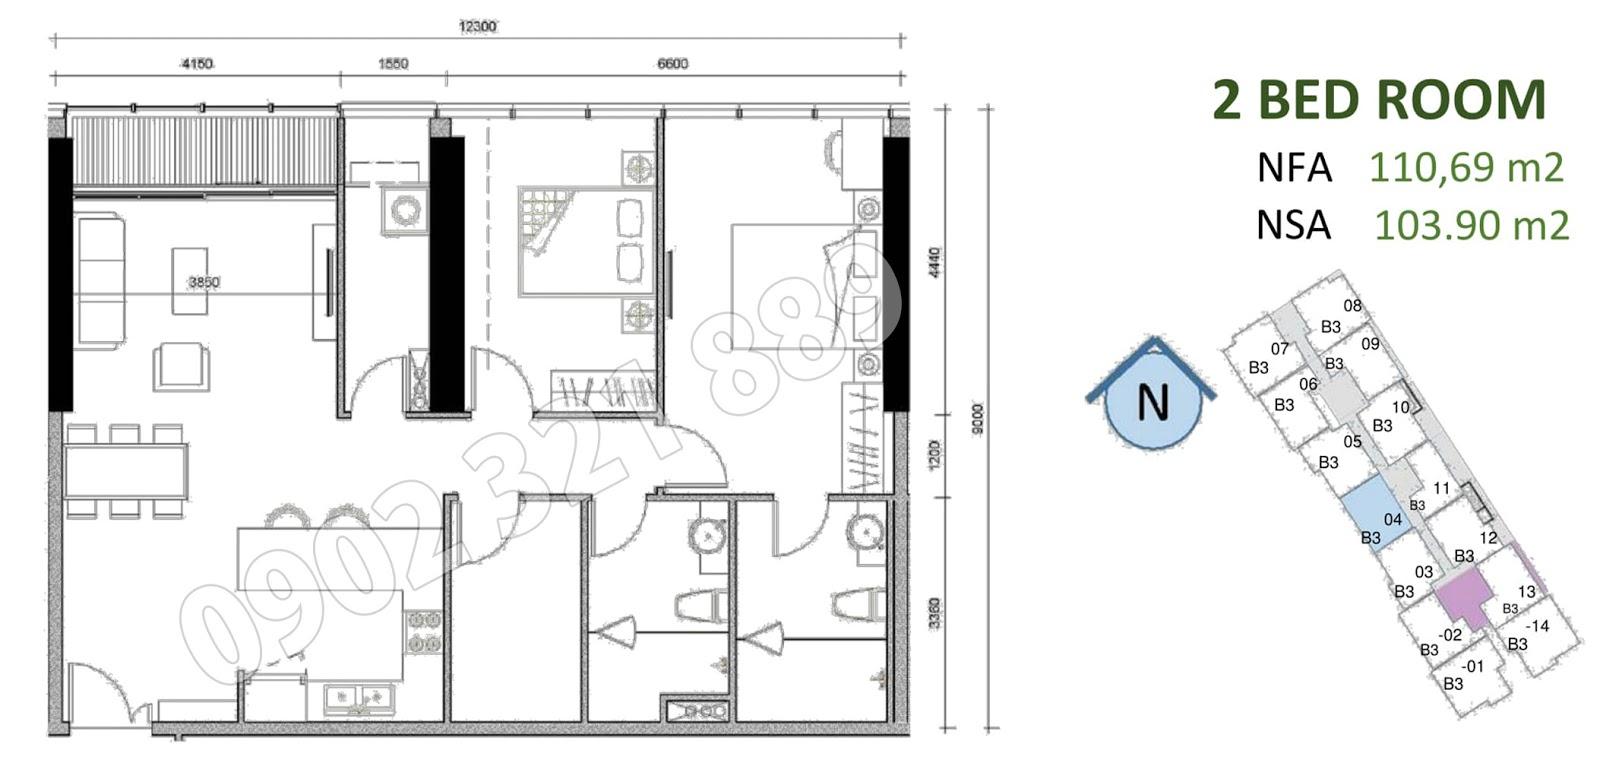 mặt bằng căn hộ sunwah pearl 2 phòng ngủ B3-04